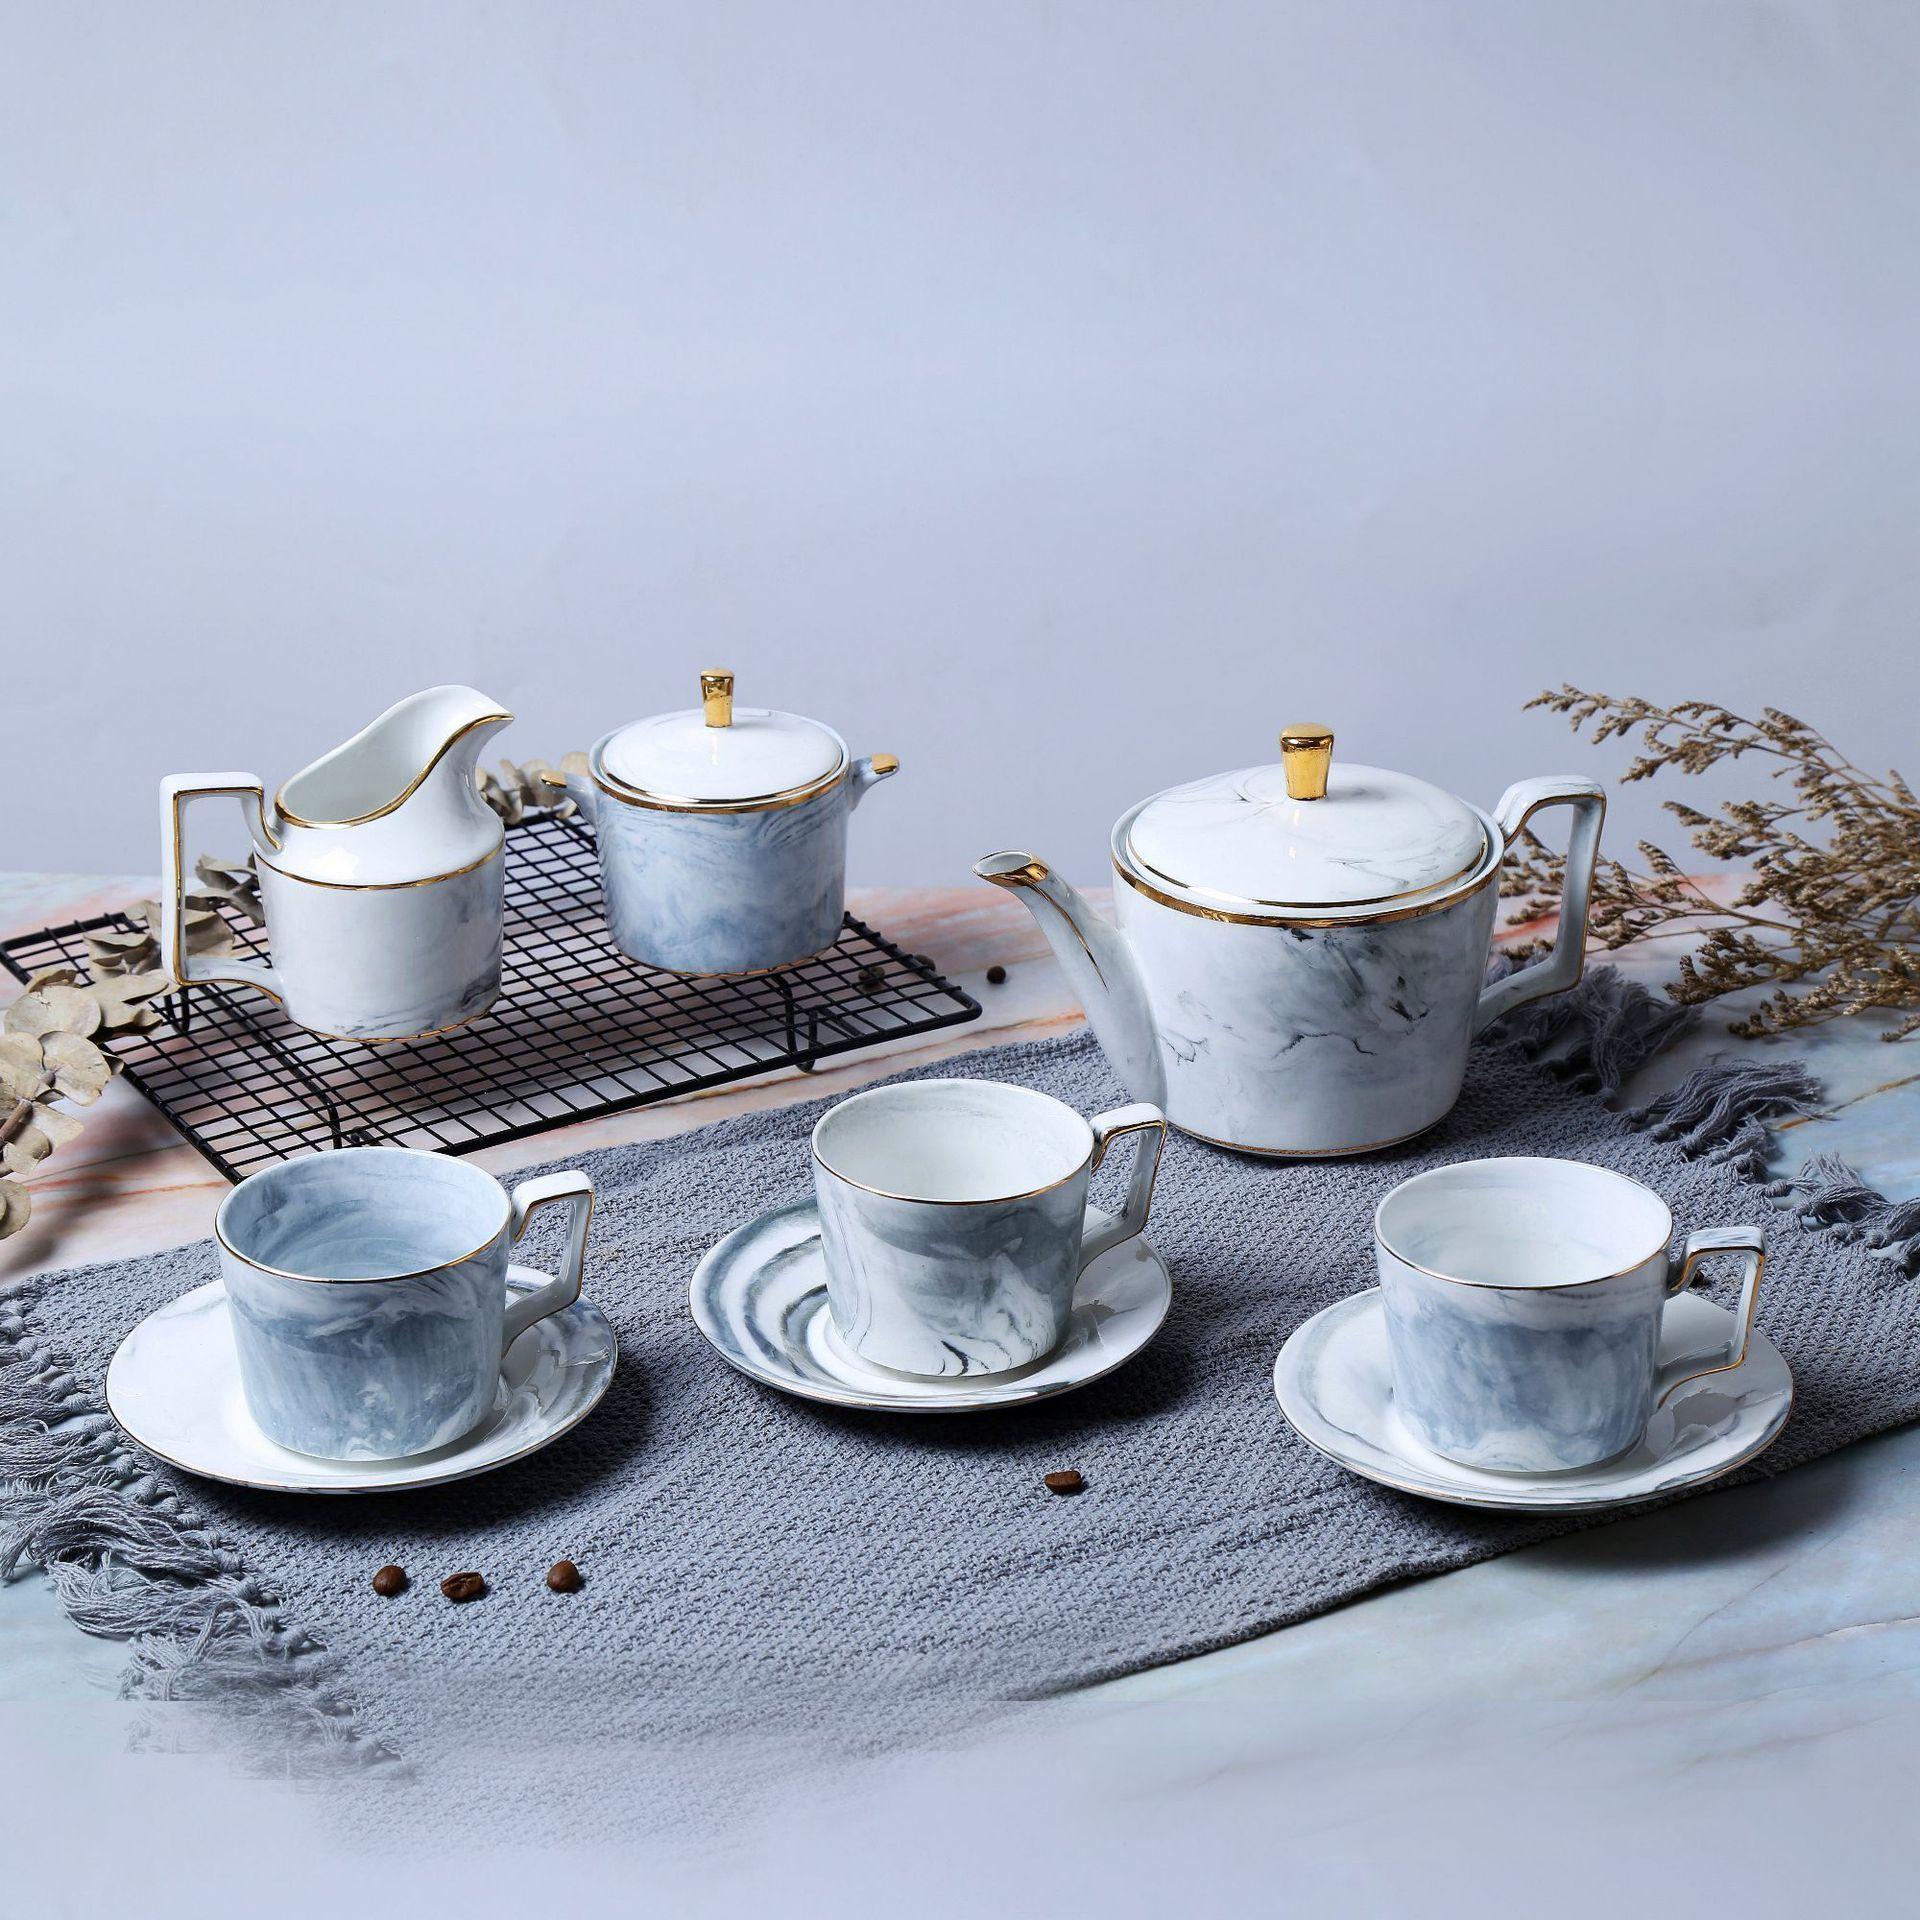 Оригинальное Мраморное зерно керамики чайник Северной Европы английский стиль чашки и диск костяного фарфора кофе обслуживание подарочны...